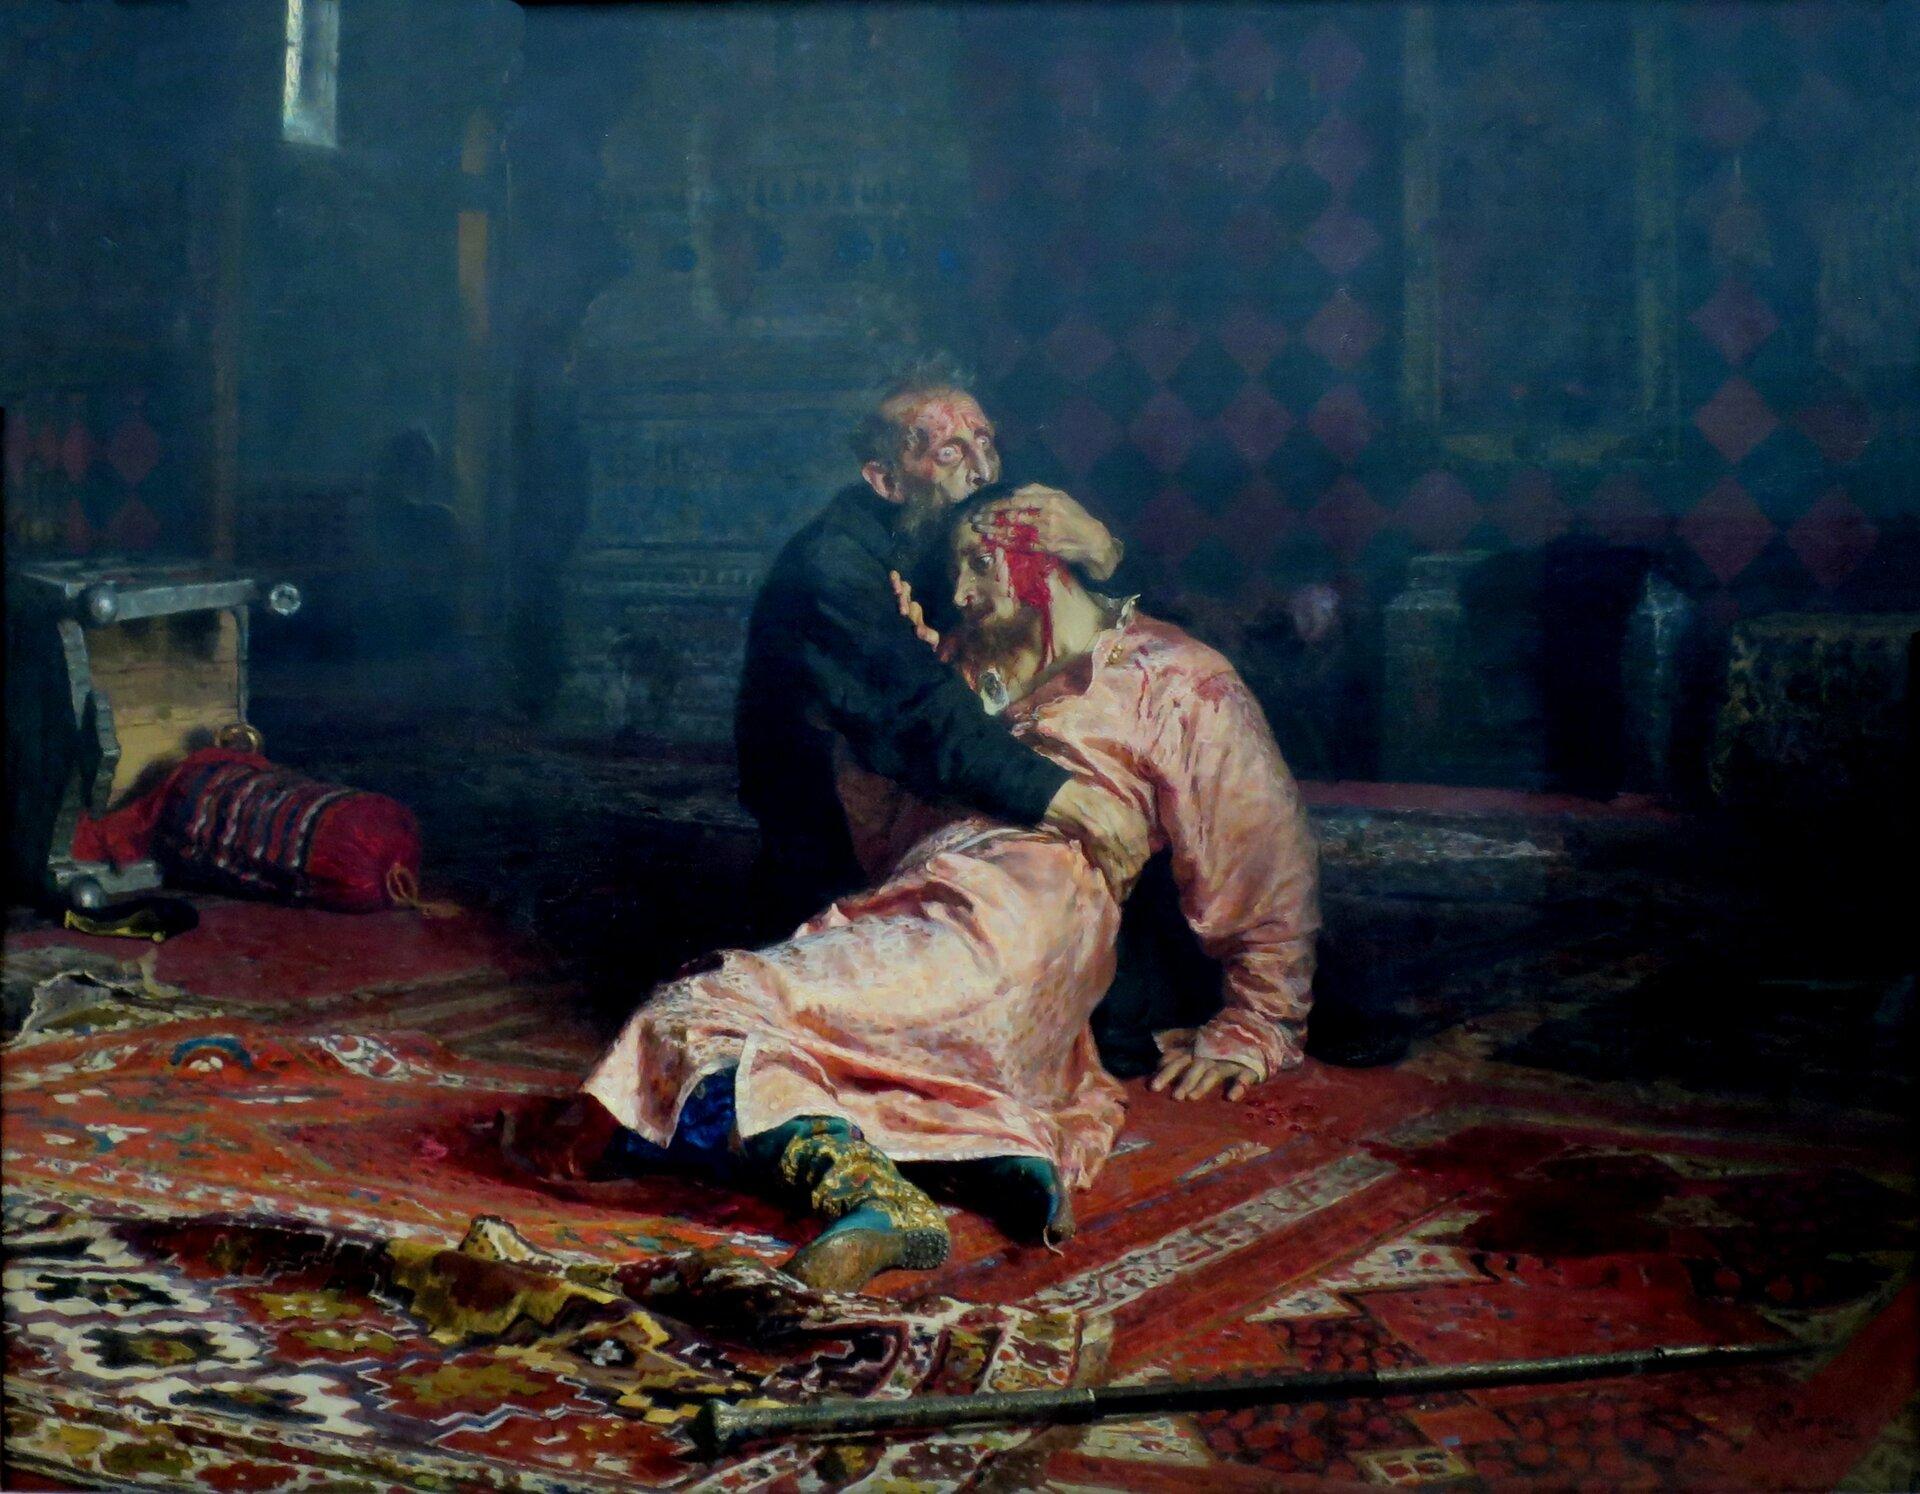 Car Iwan Groźny nad ciałemzabitego przez siebie syna Car Iwan Groźny nad ciałemzabitego przez siebie syna Źródło: Ilya Repin, 1885, olej na płótnie, Tretyakov Gallery, Moscow, domena publiczna.